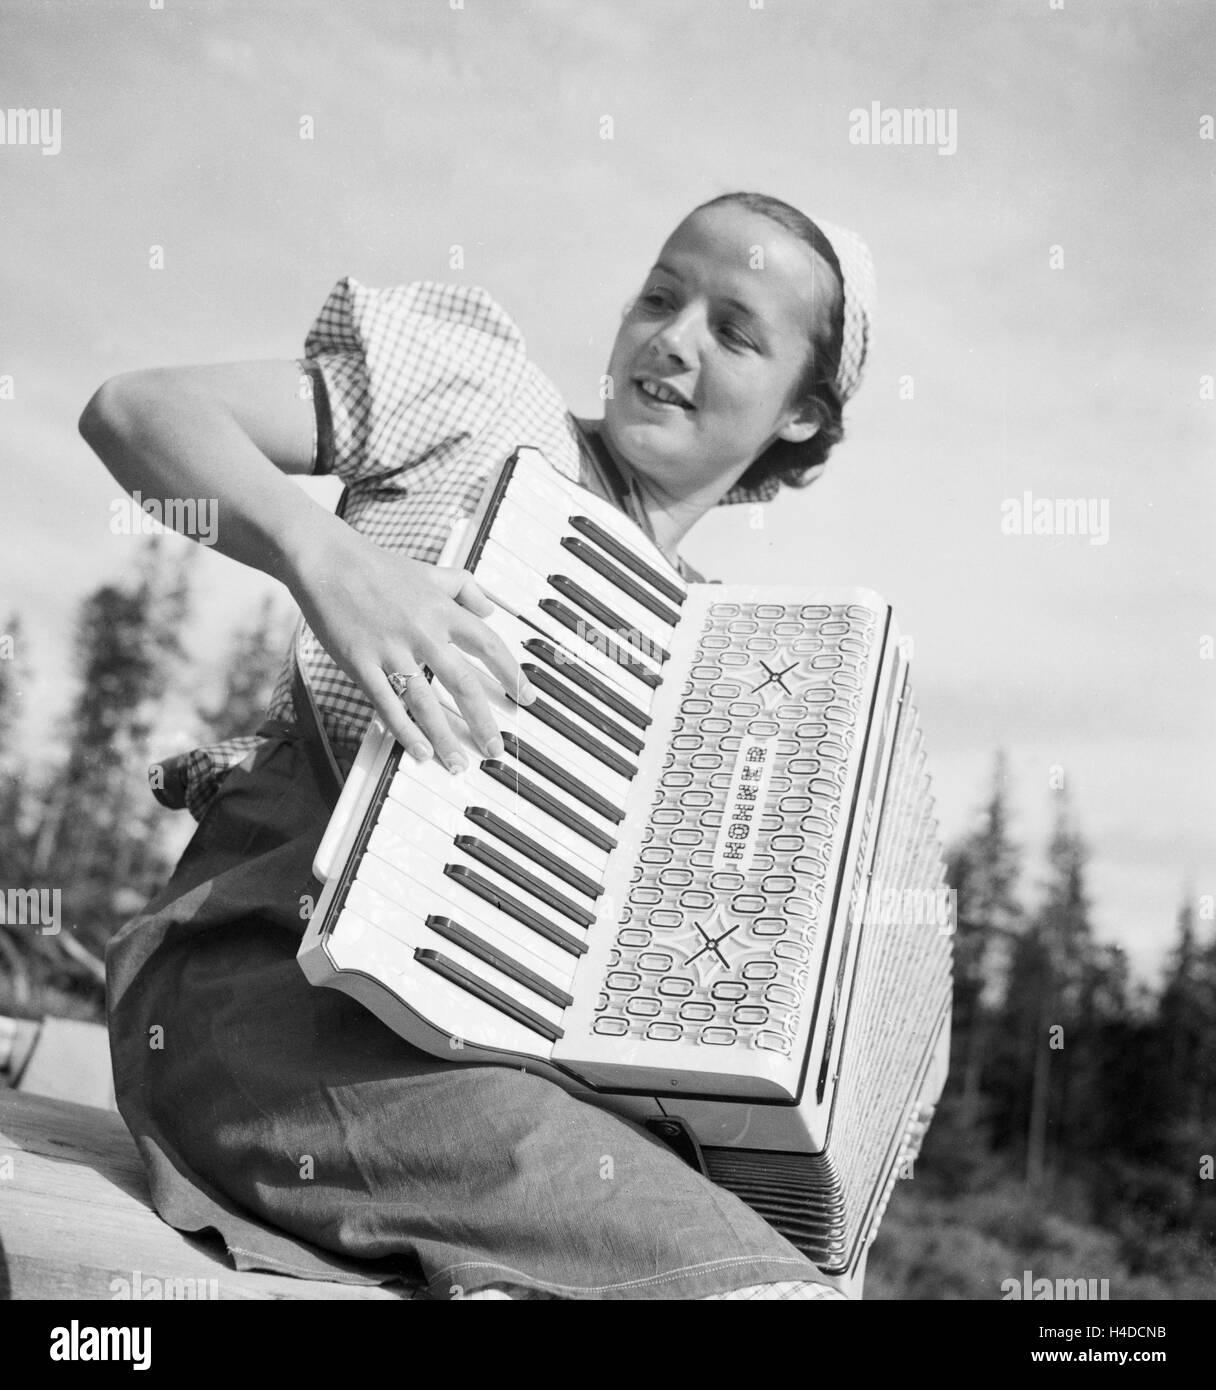 Eine Junge Frau Mit Einem Akkordeon, 1930er Jahre Deutschland. Eine junge Frau spielt Akkordeon, Deutschland der Stockbild